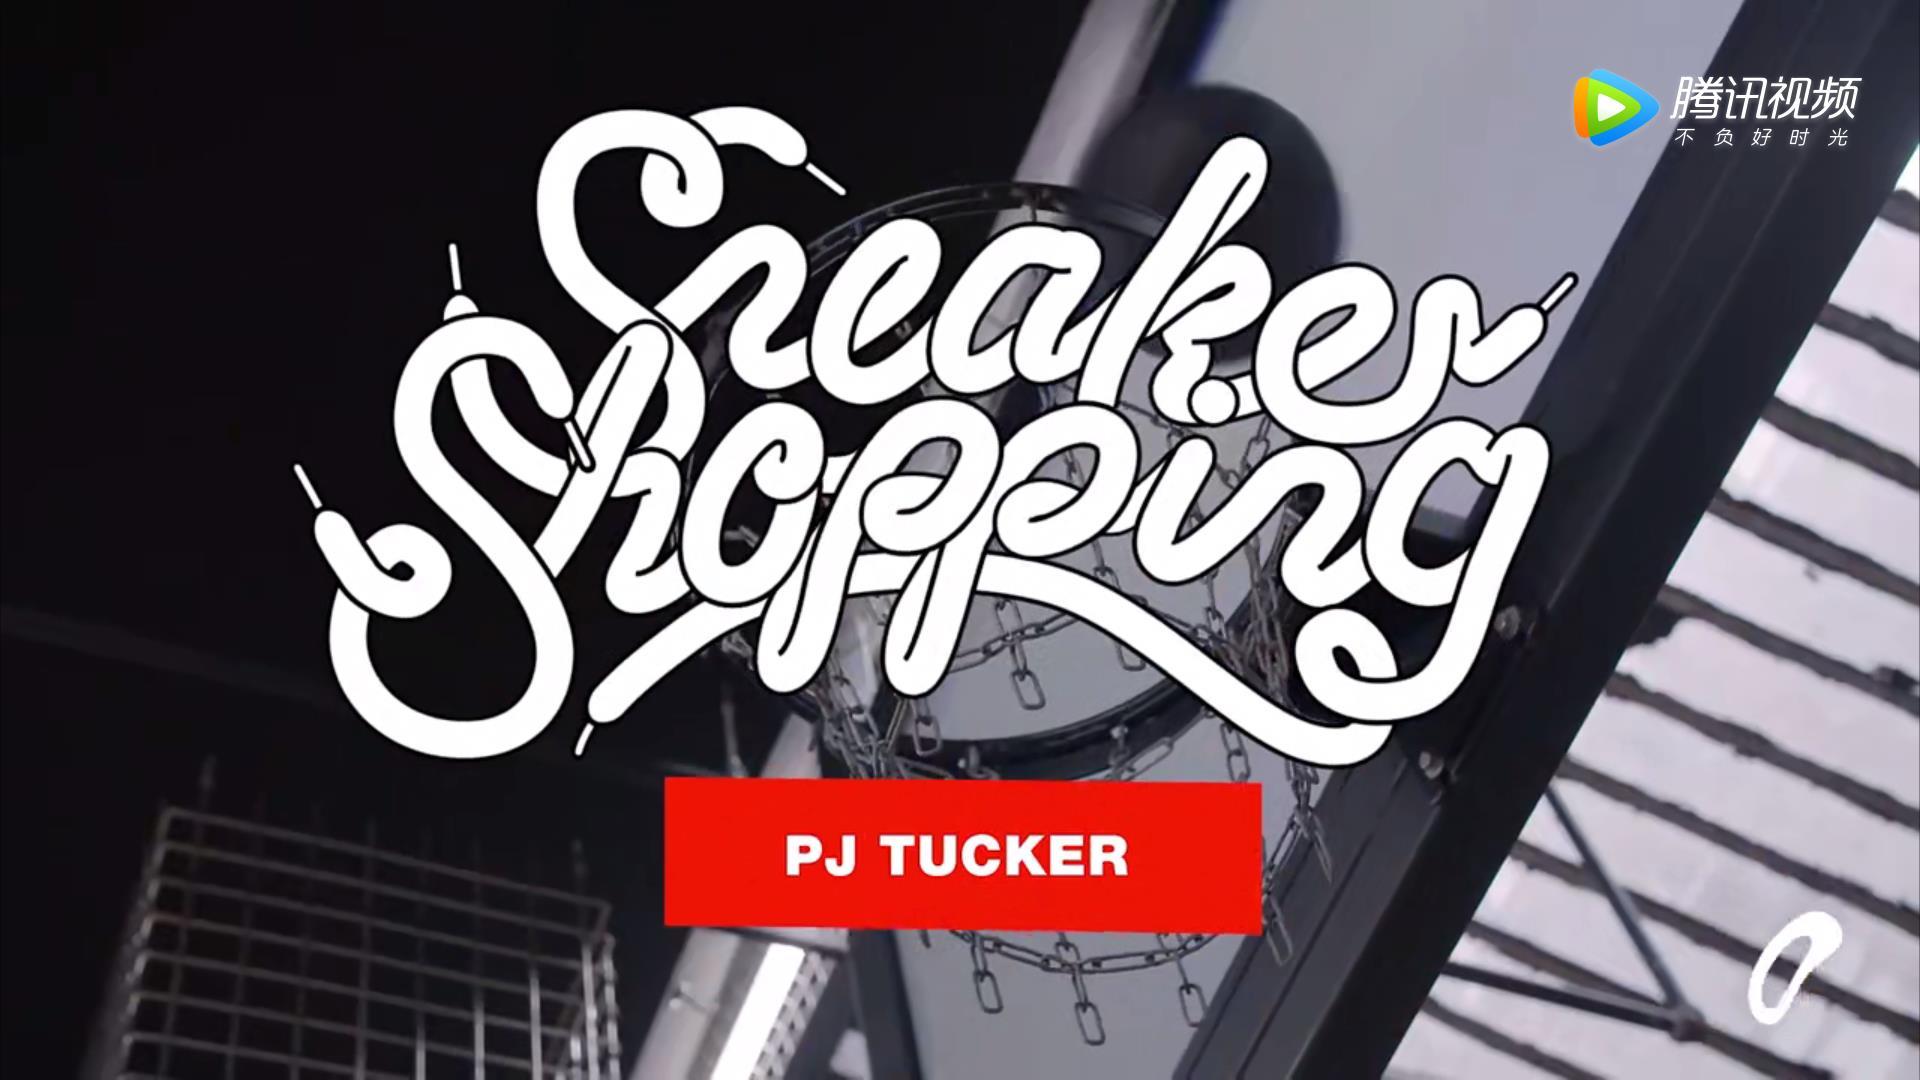 Sneaker,Shopping,买买,买,是,当下,年轻人  最爽球鞋购物节目!吴亦凡、塔克、碧梨纷纷剁手,一口气买 20 双不多!